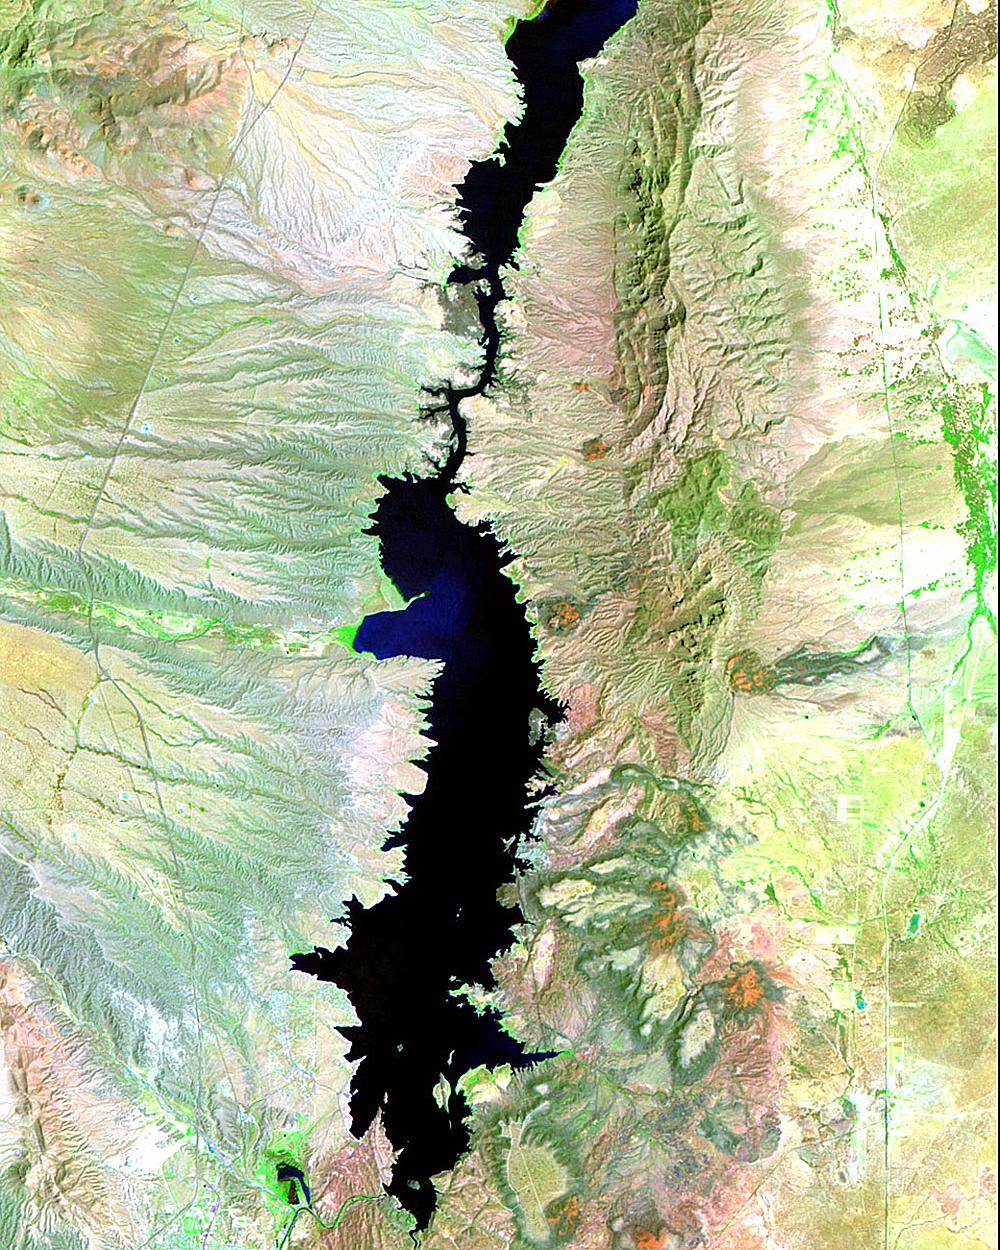 Водохранилище Слон Бьютт было уменьшено путем длительной засухи. Оно создано плотиной нареке Рио-Гр